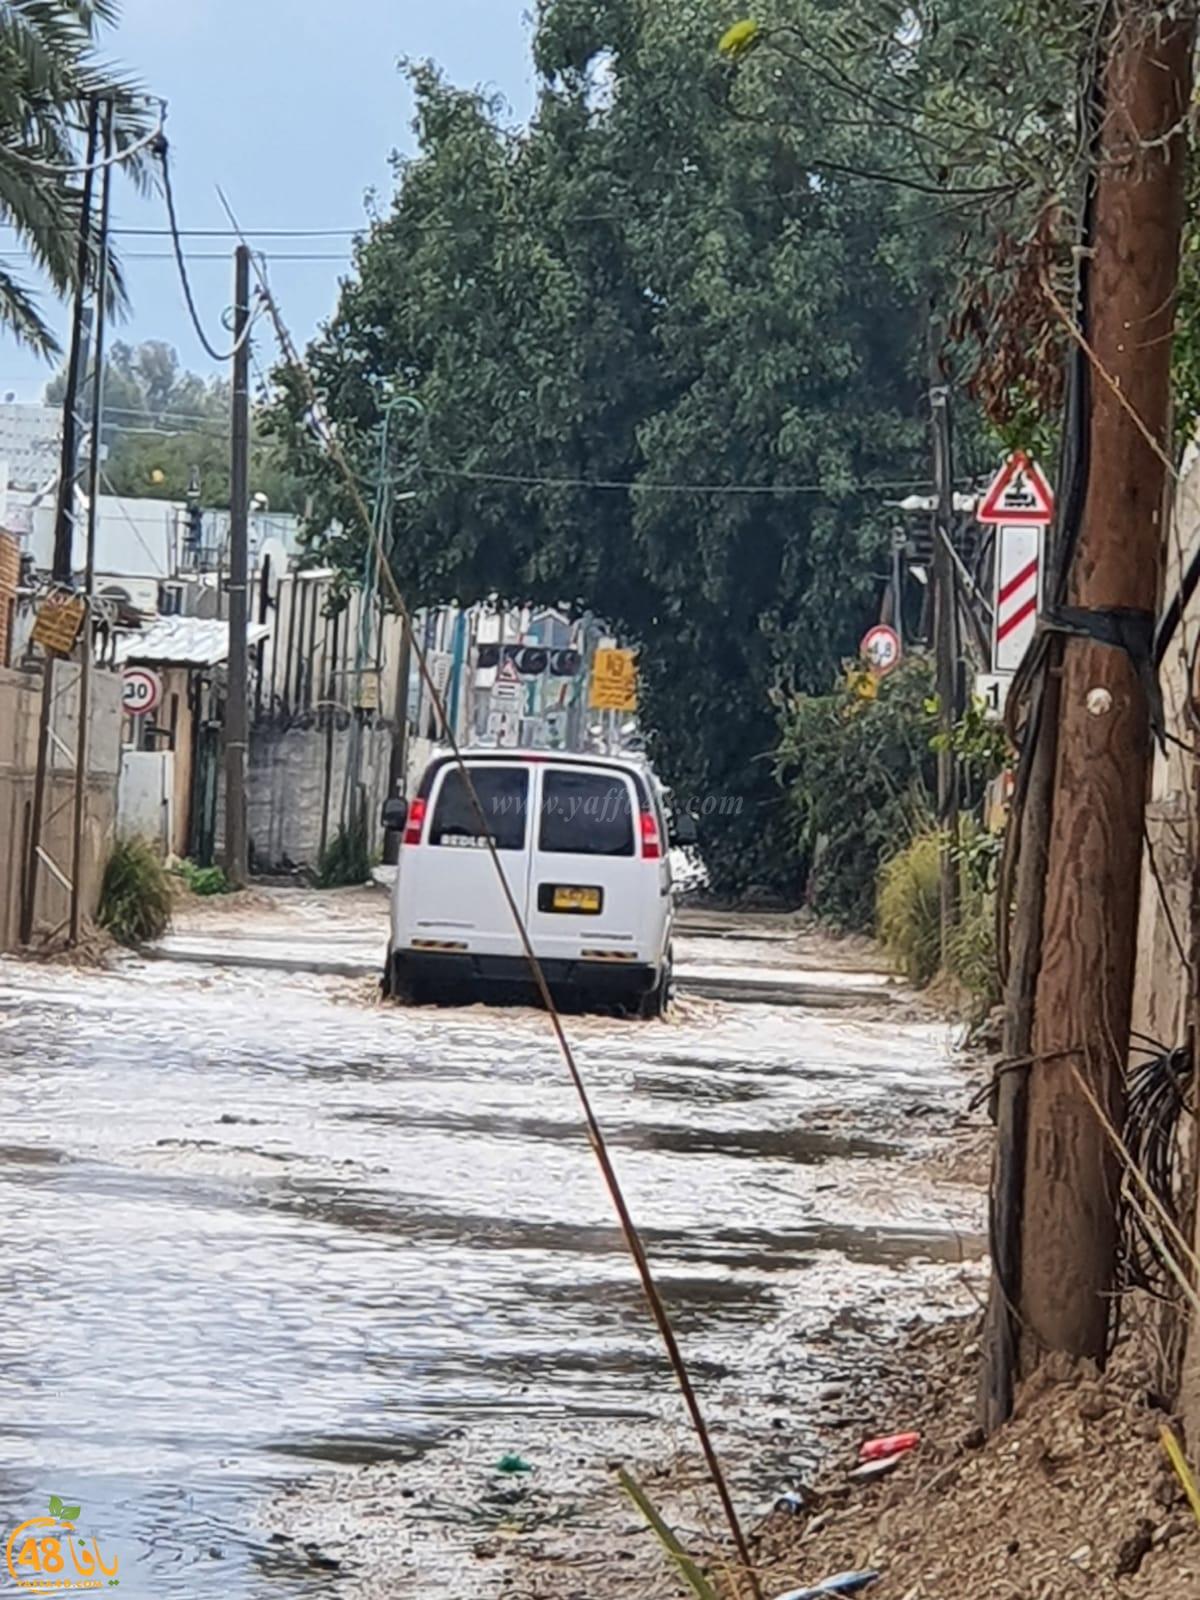 معاناة مستمرة - دهمش تُحاصر بمياه الأمطار وتغرق في اهمال المؤسسات